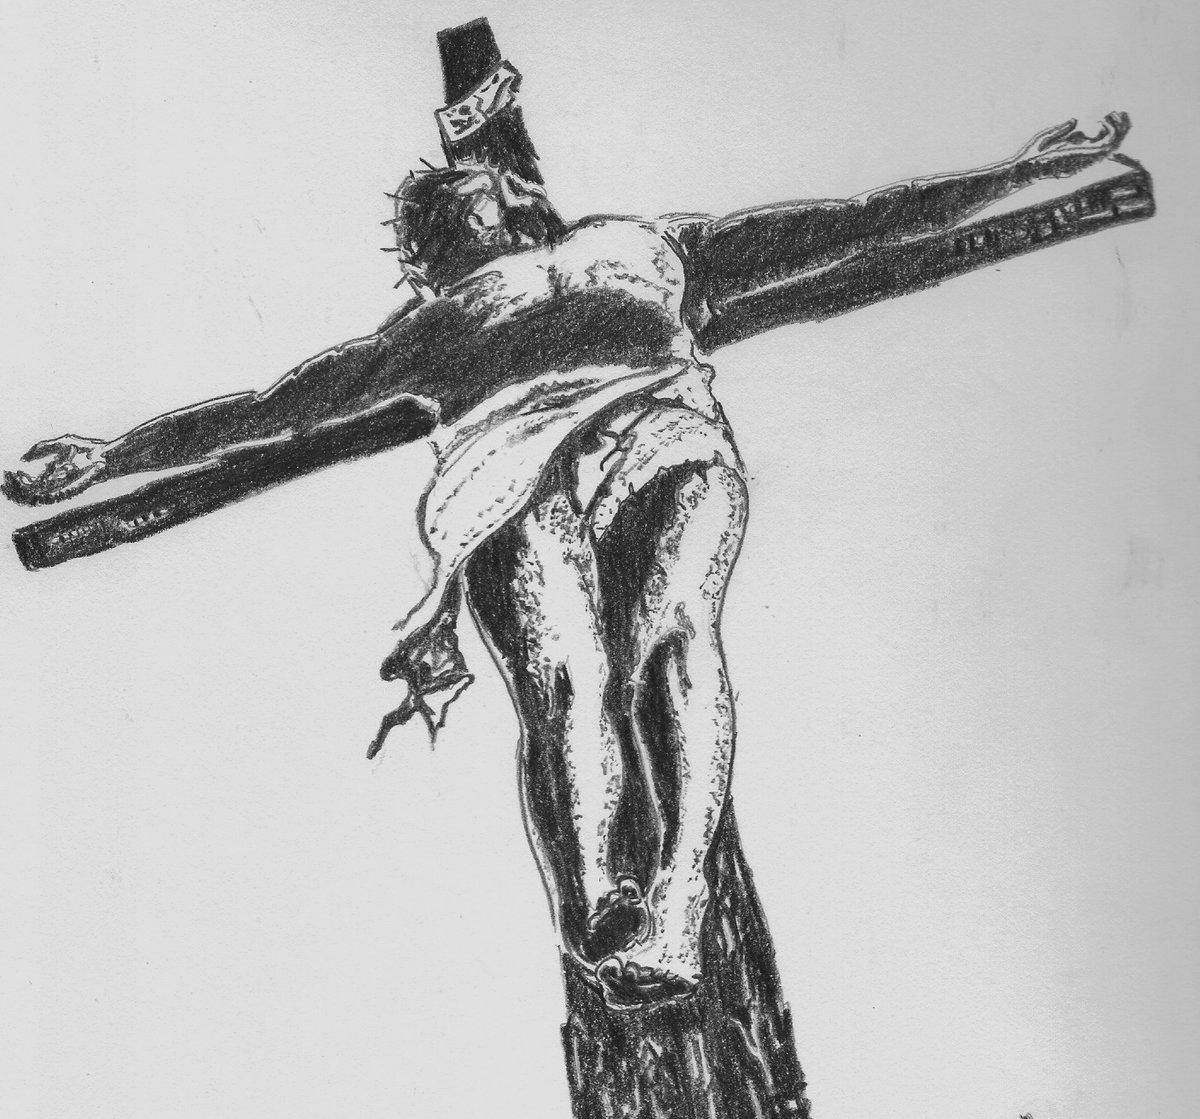 после рисунки распятие христа карандашом сомневайтесь, юбители